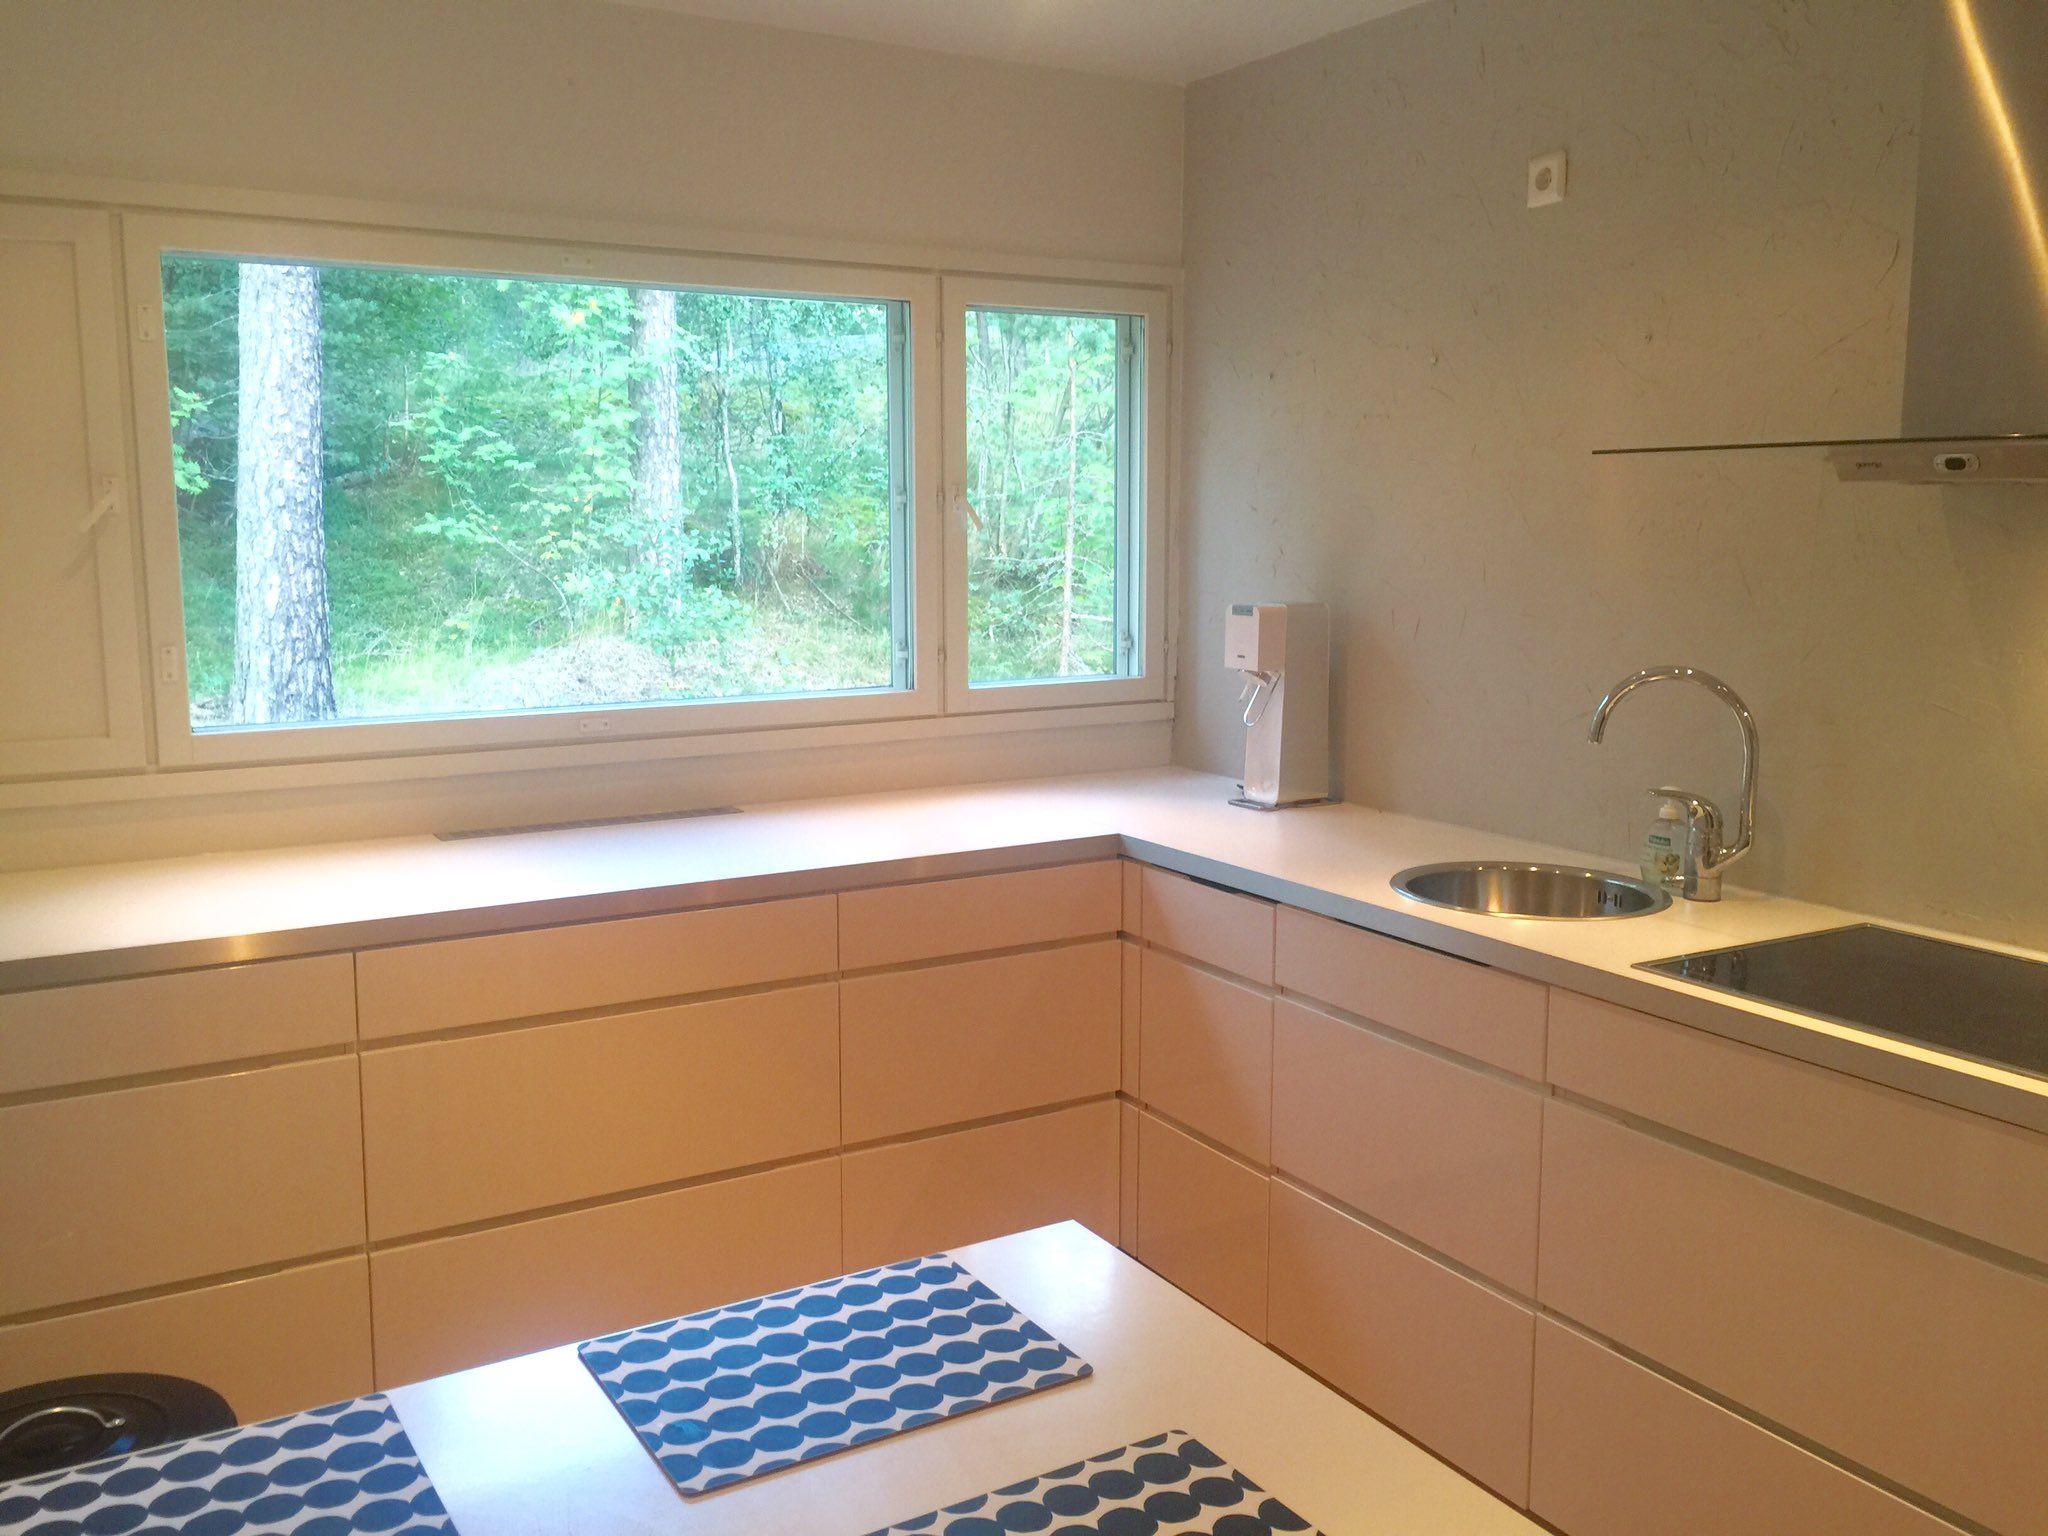 """Susanna Vanhanen on Twitter: """"Uusi #keittiötaso paikoillaan! Ihan kuin olisi saanut kokonaan uuden köökin! #remontti #ikea https://t.co/fVXjFobinj"""""""